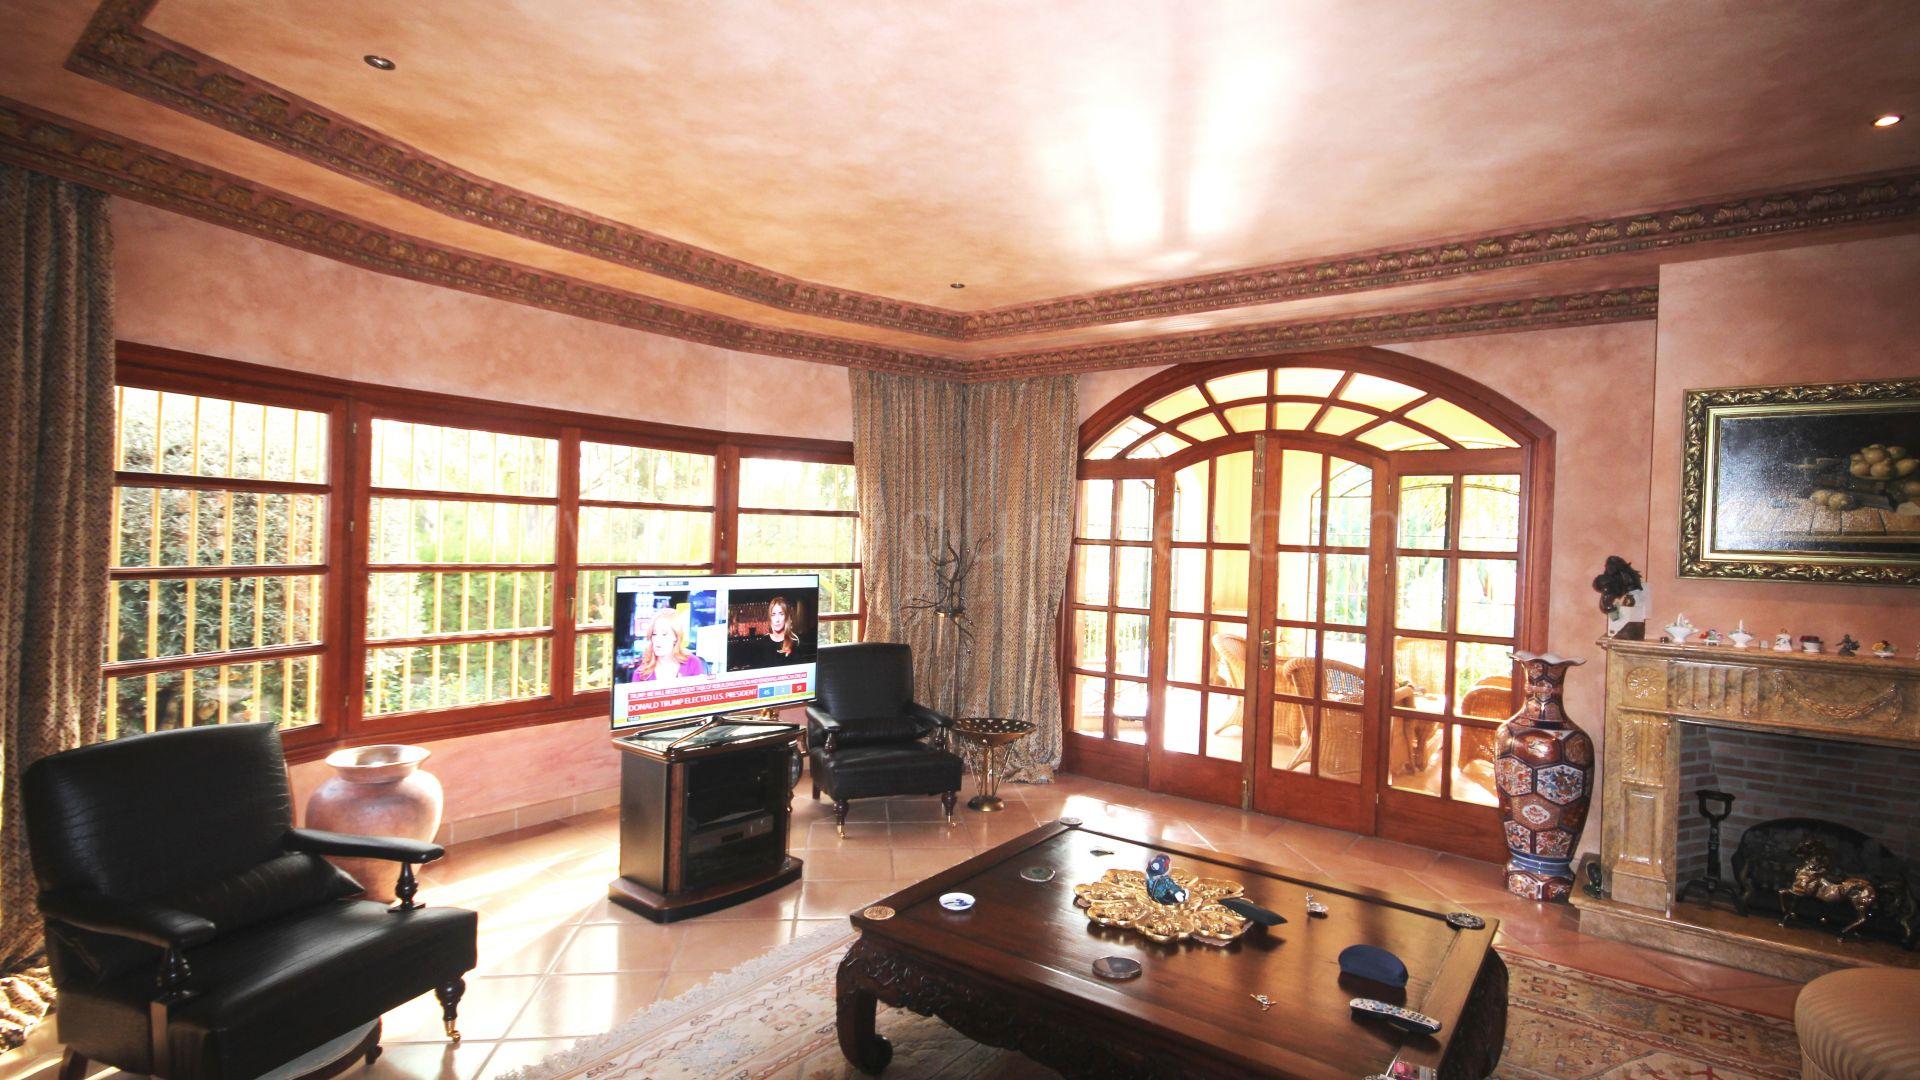 El herrojo benahav s elegante villa de estilo cl sico for El estilo clasico